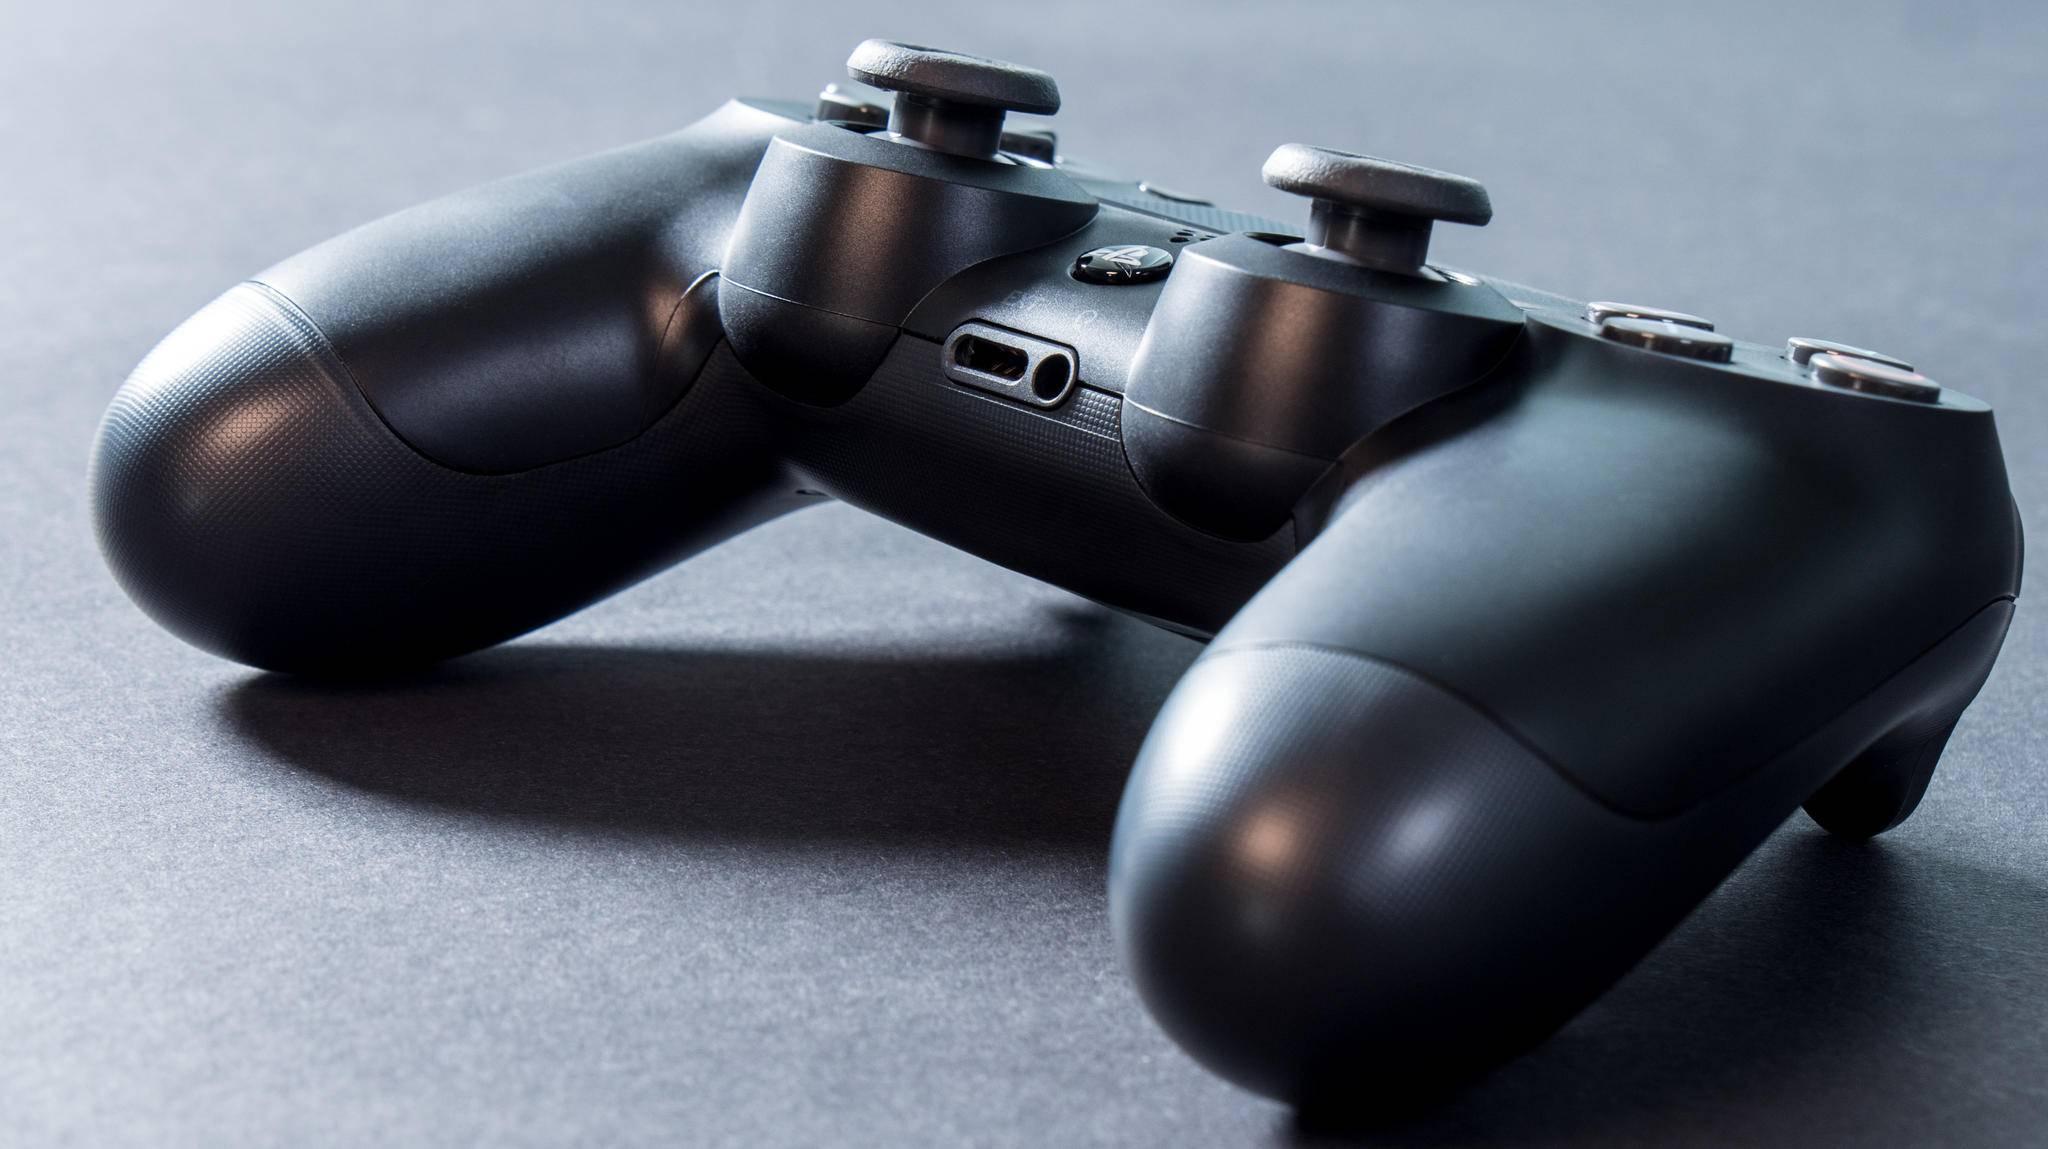 Das neue PS4-Update bringt auch einen Boost Mode für die PS4 Pro.